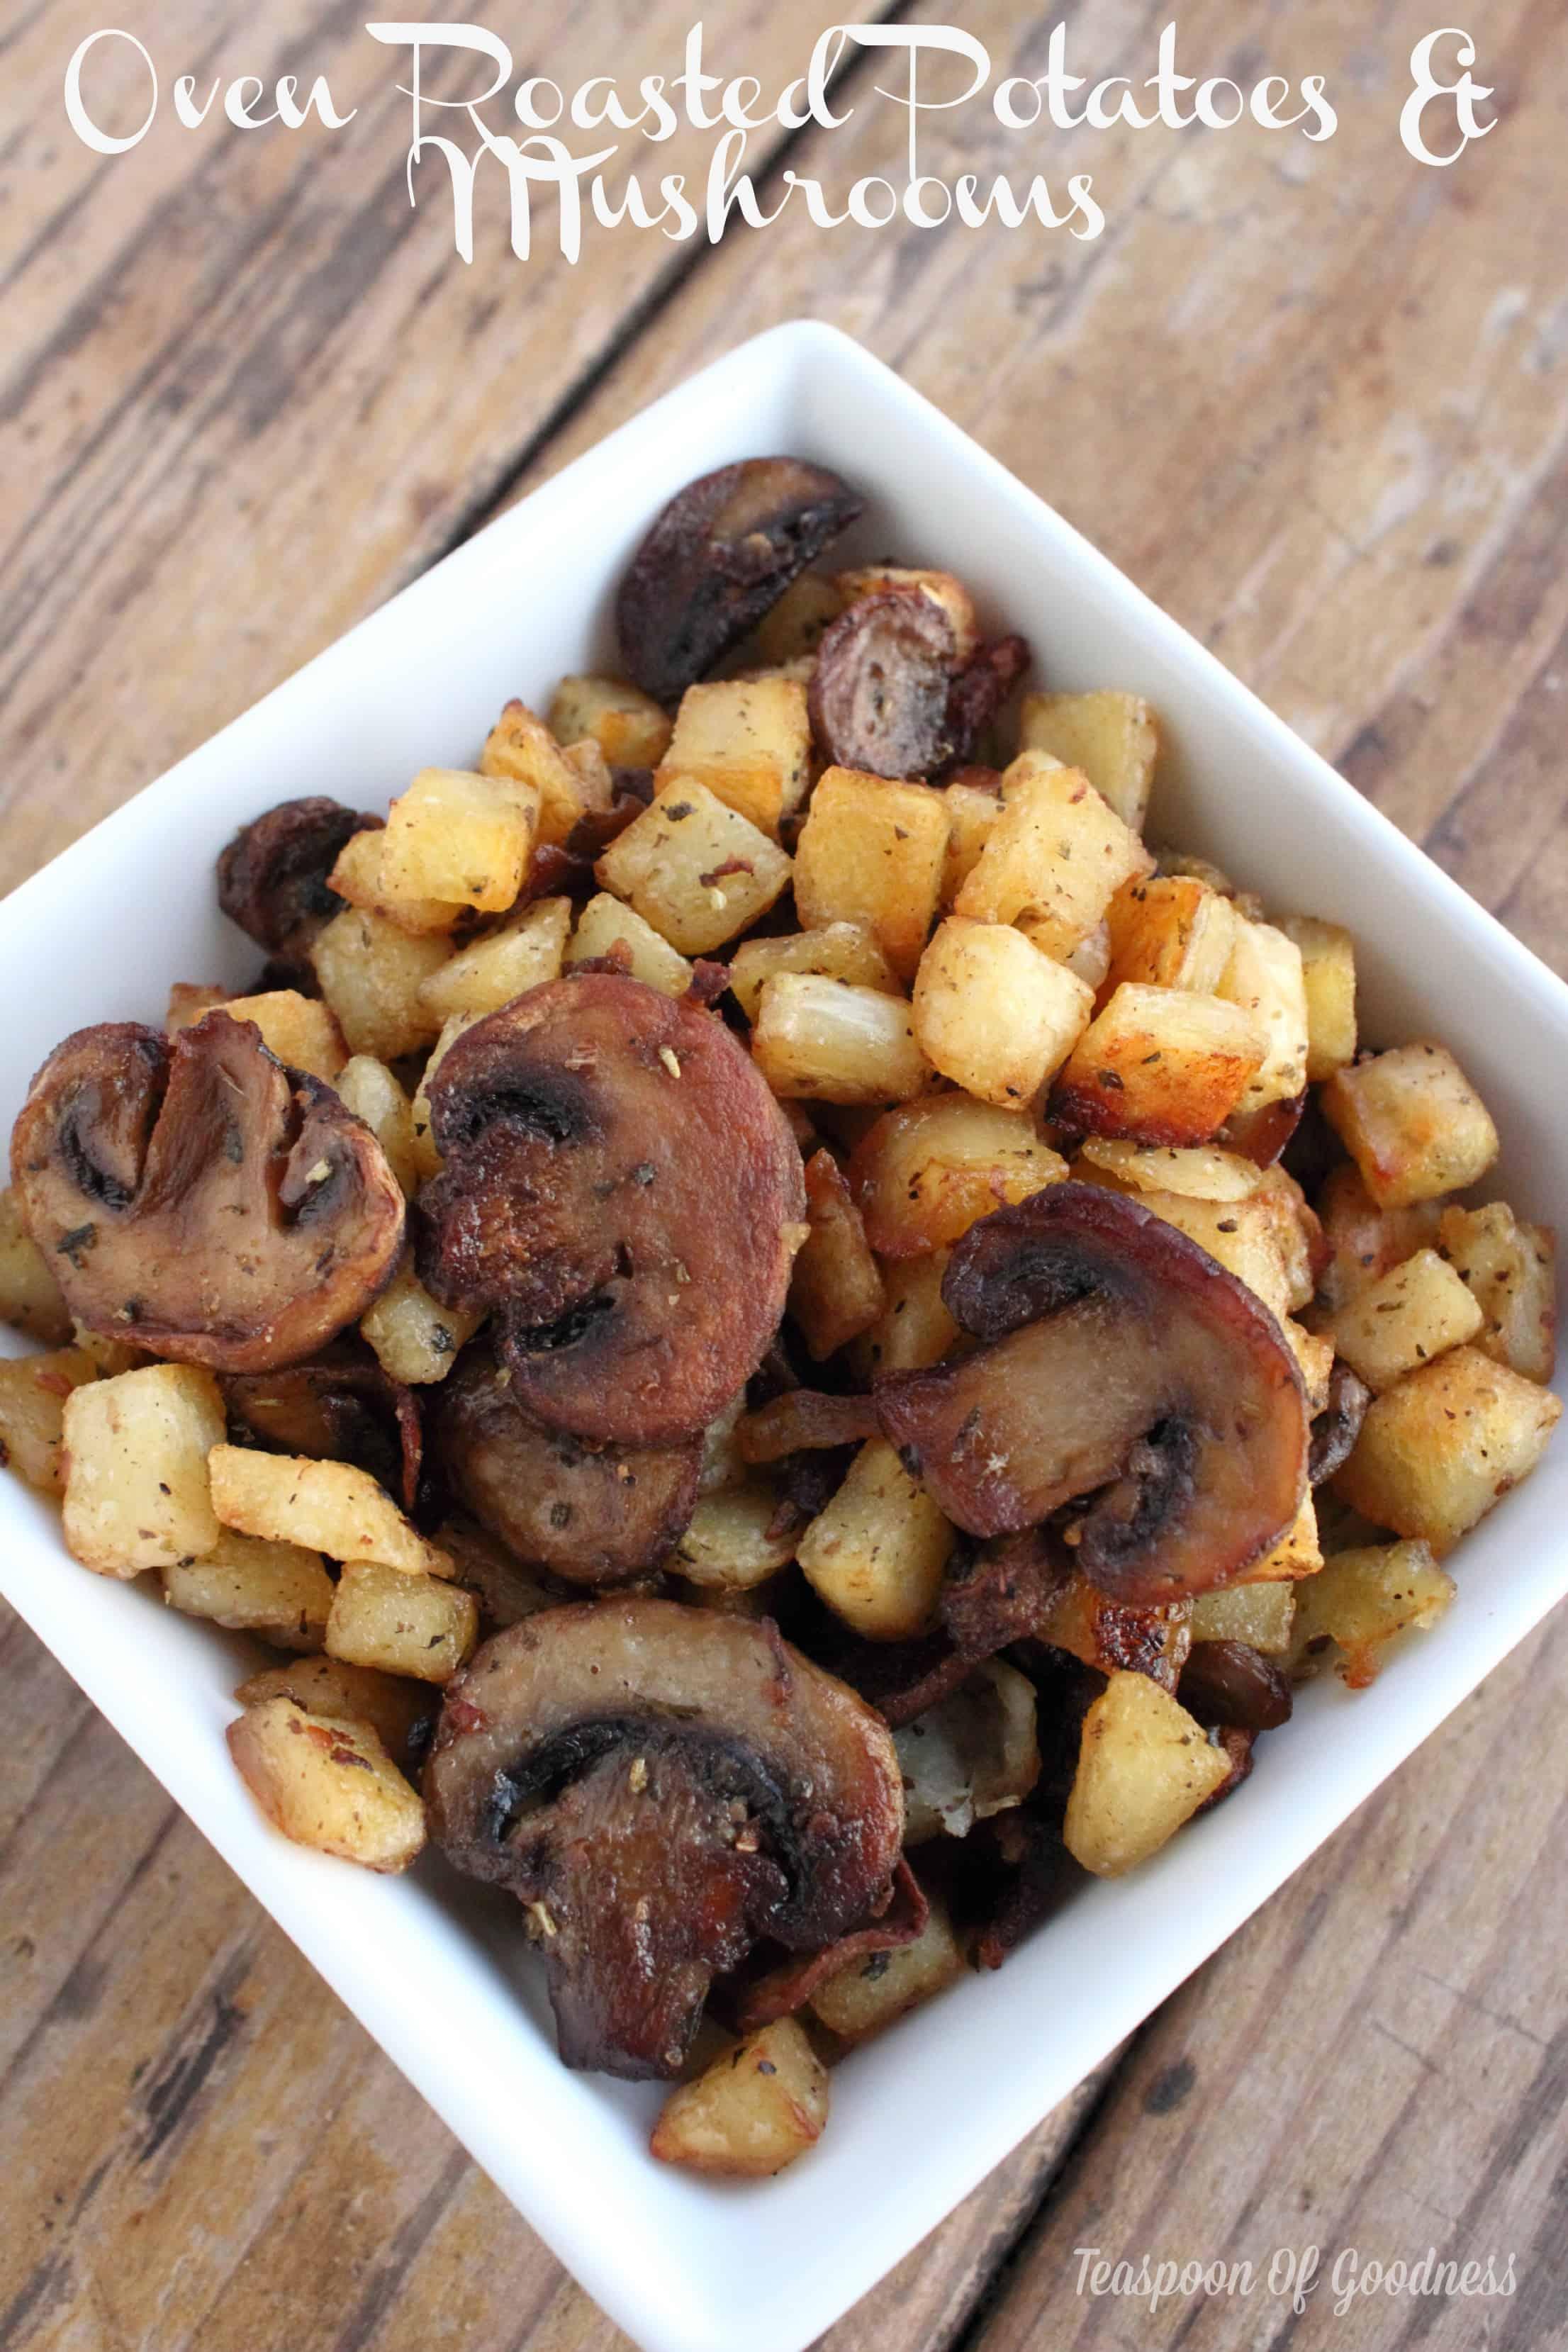 Oven Roasted Potatoes & Mushrooms